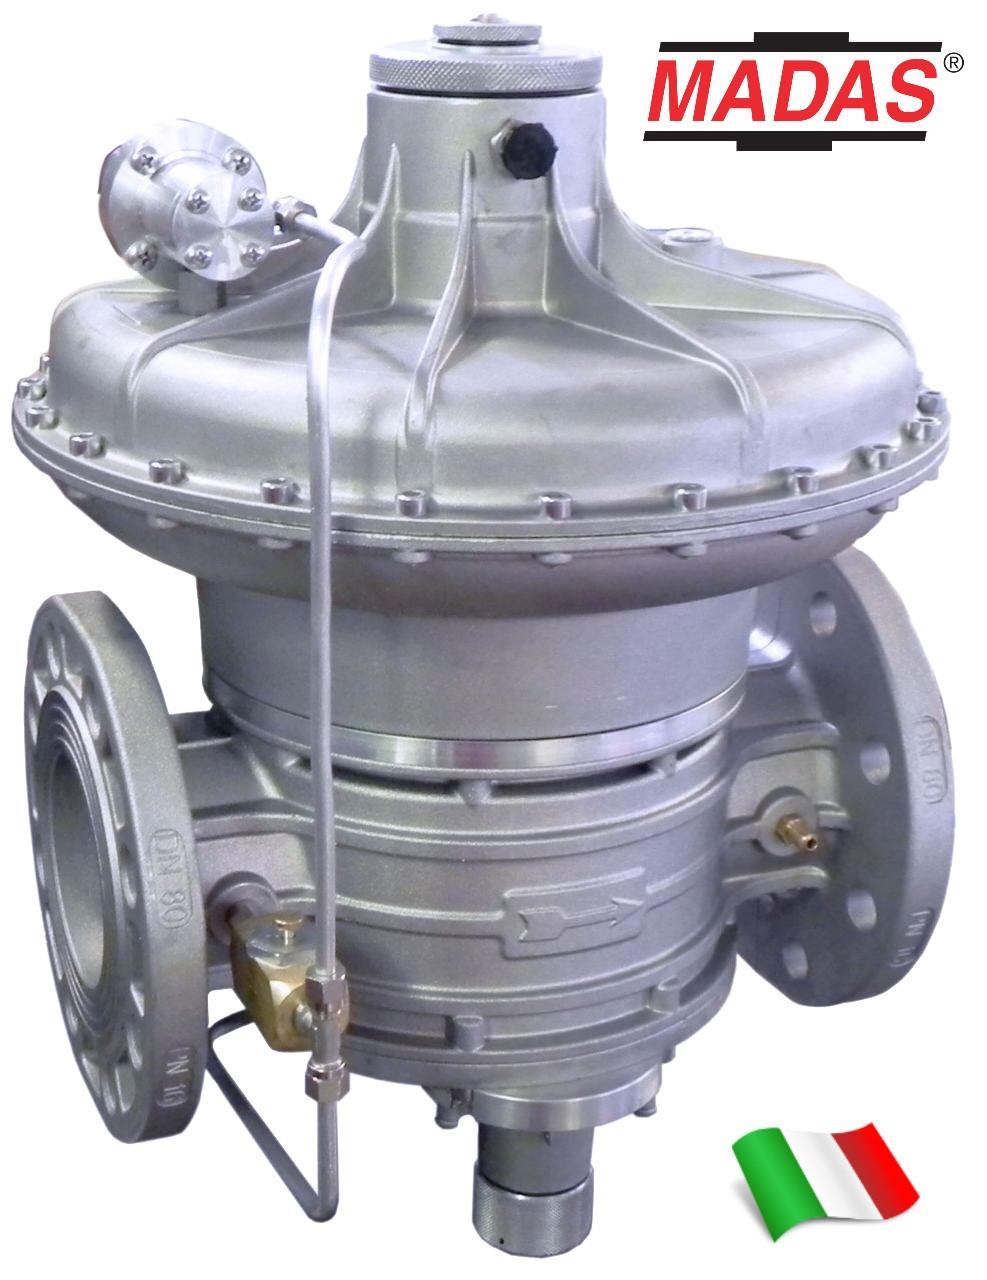 Регулятор давления газа RG/2MBHZ, DN100, MADAS, цена